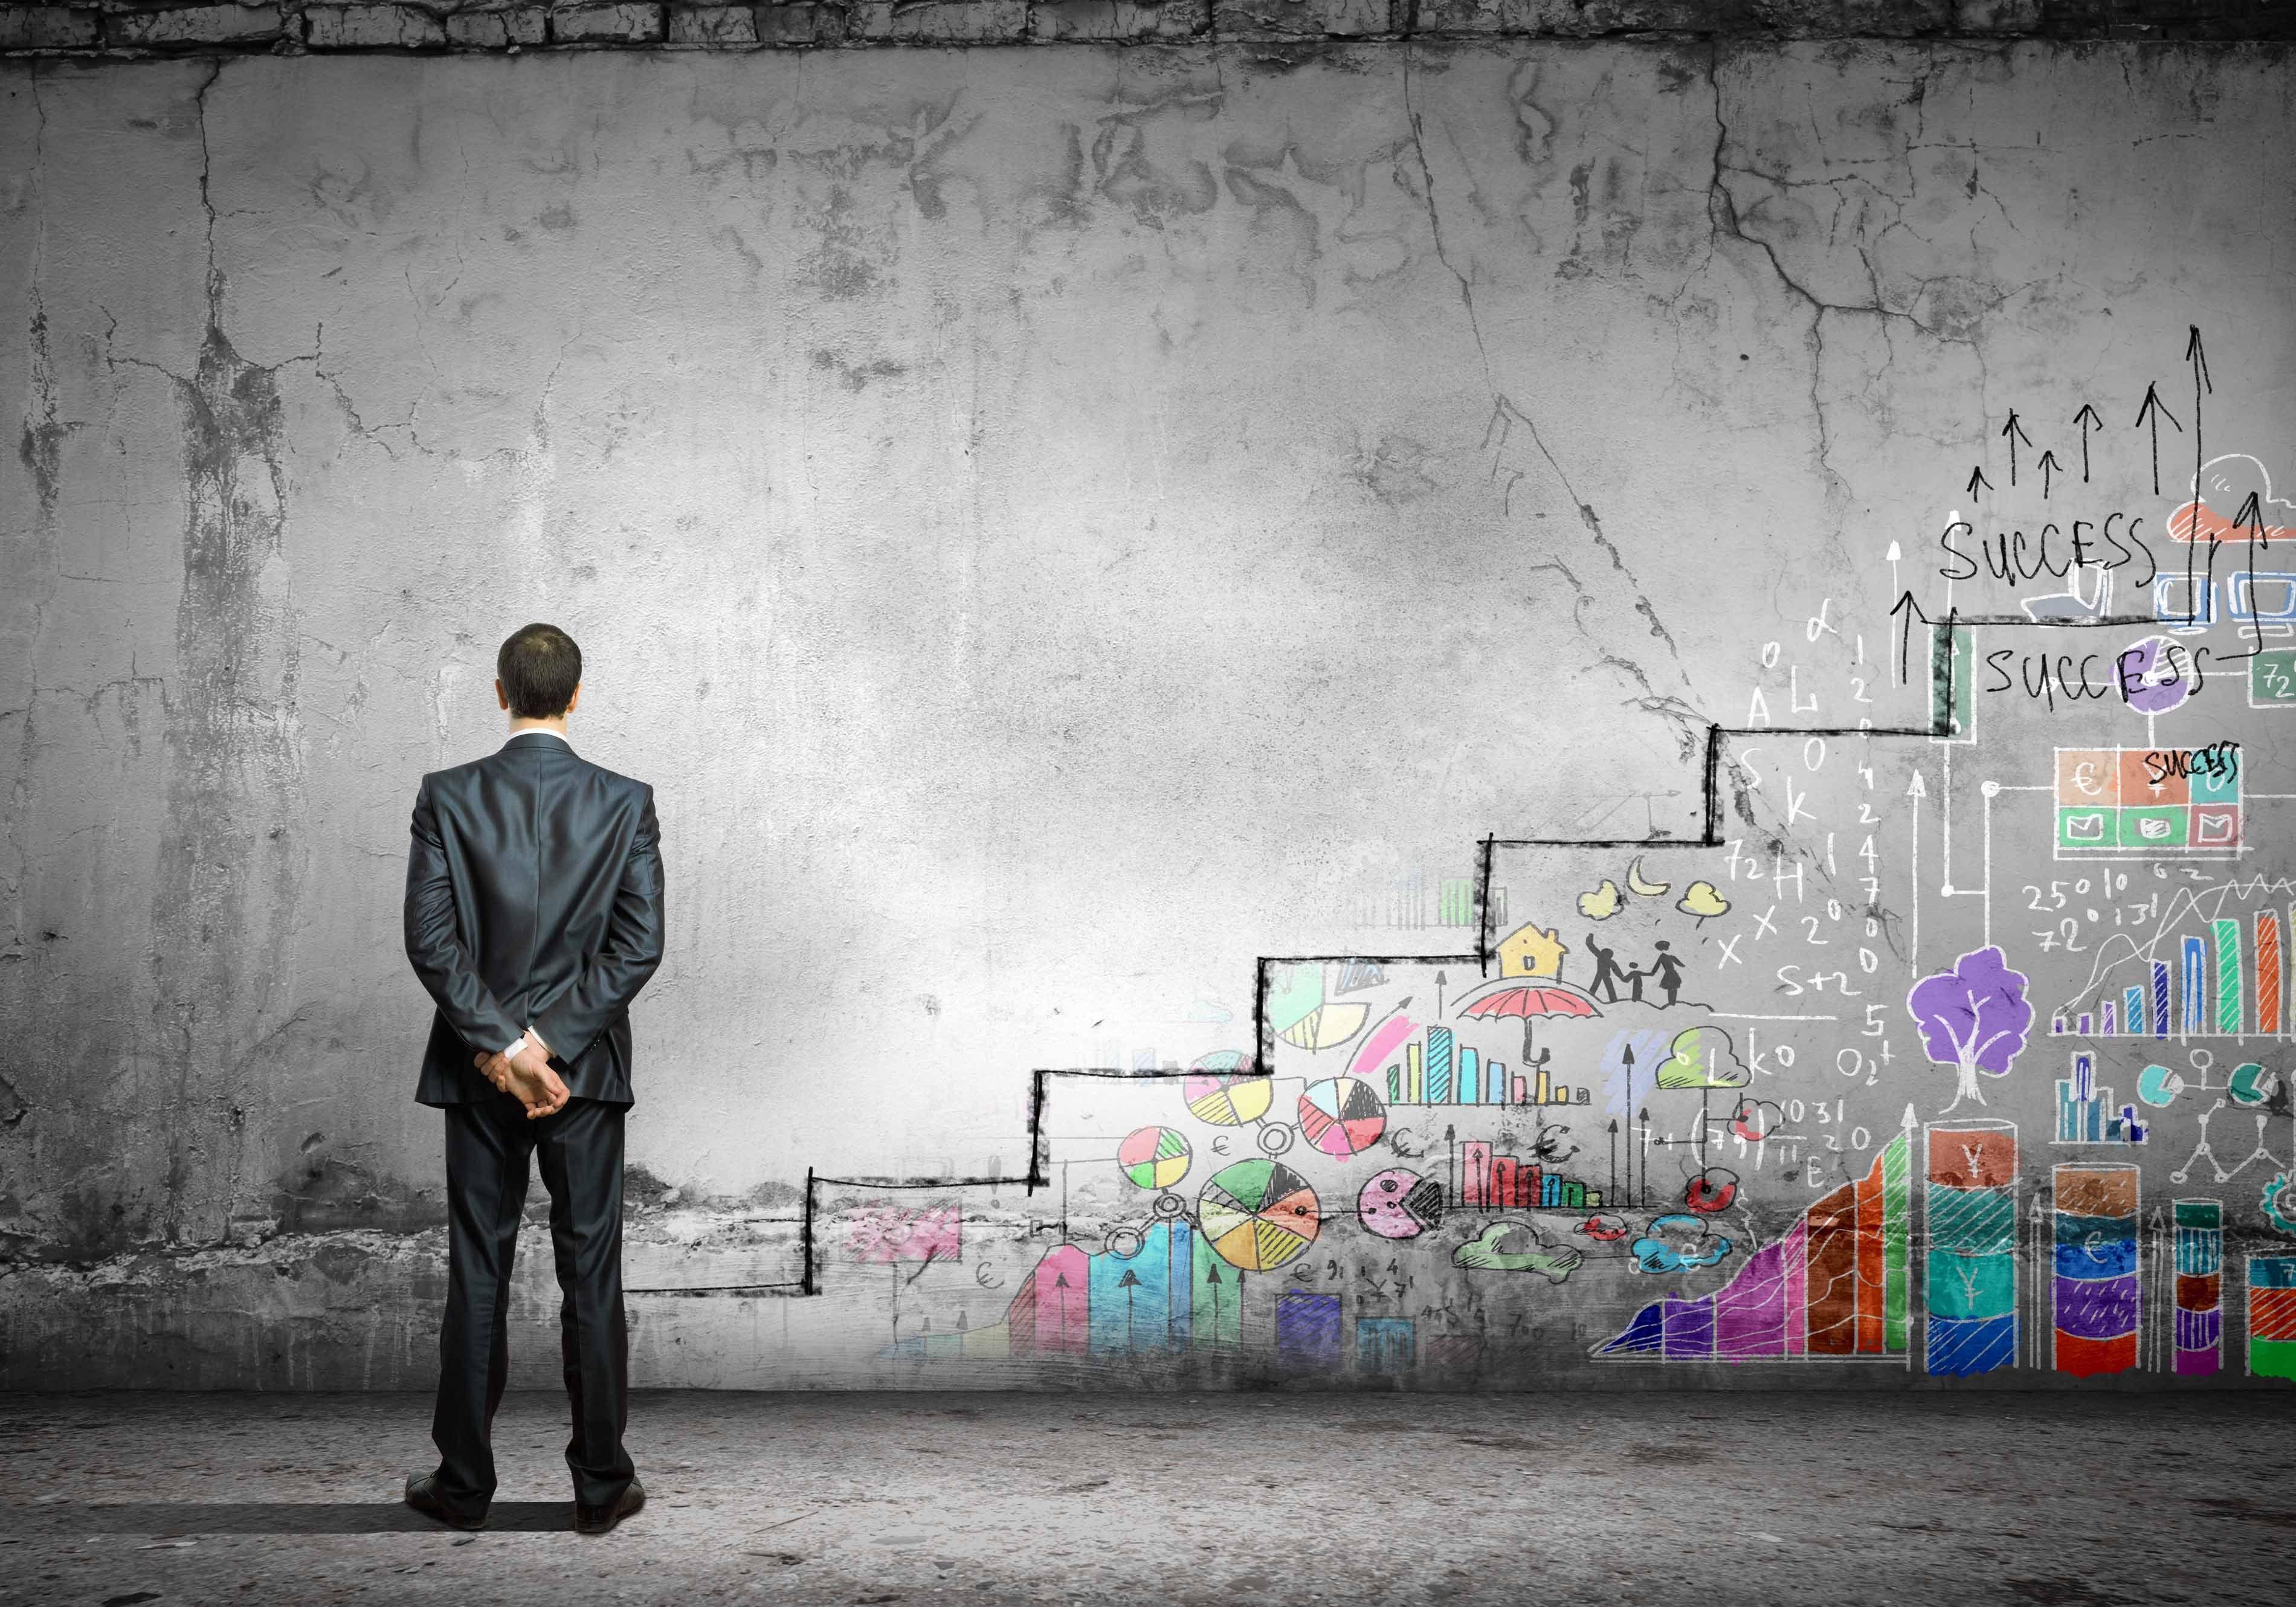 監査のプロセス・アプローチの話を聞けば、トップにはすぐに意味が理解できるはず。